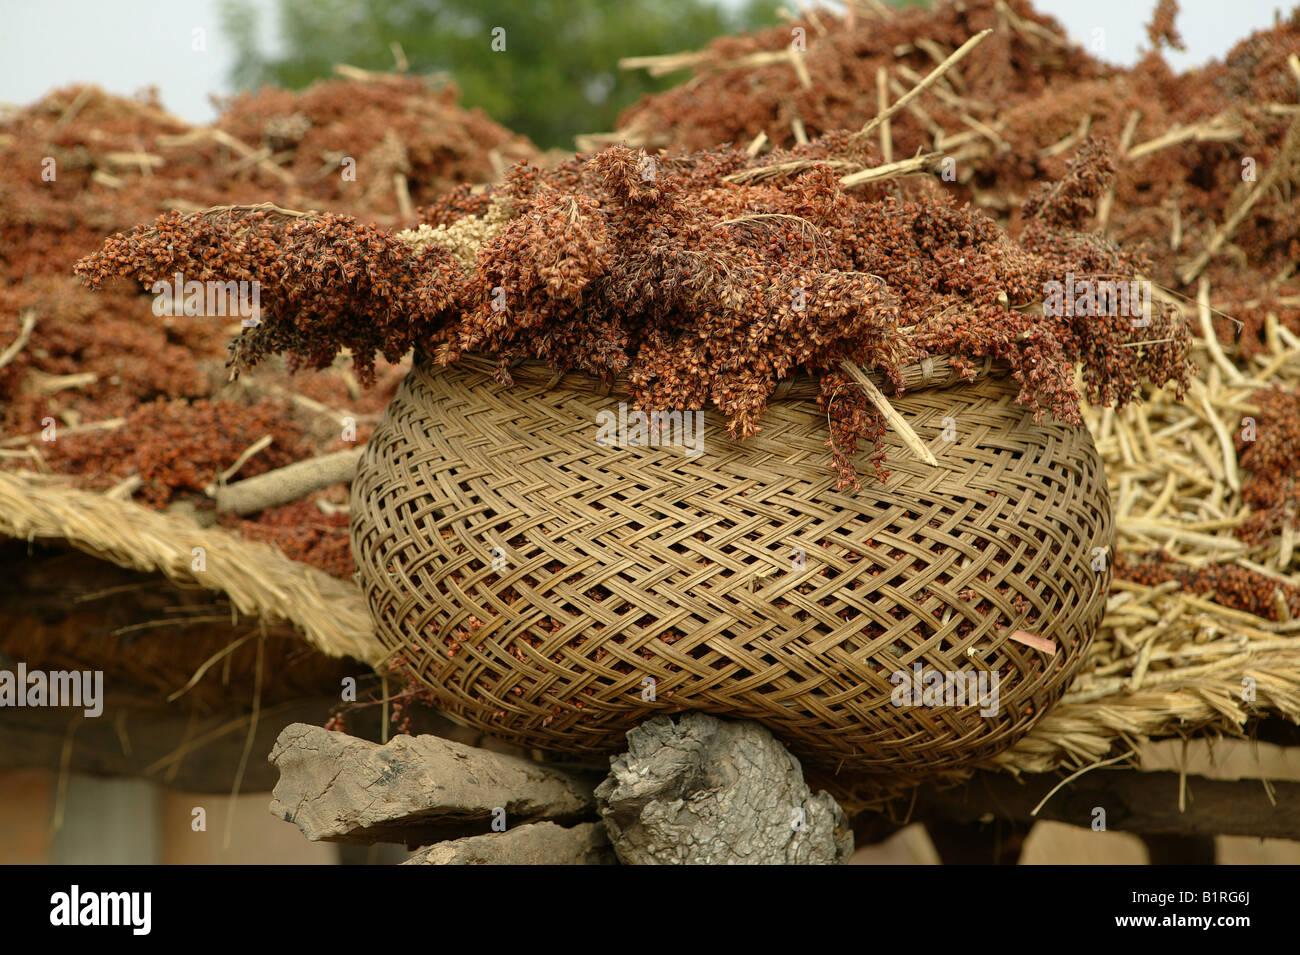 Panier rempli de millet, colis, Cameroun, Afrique Banque D'Images